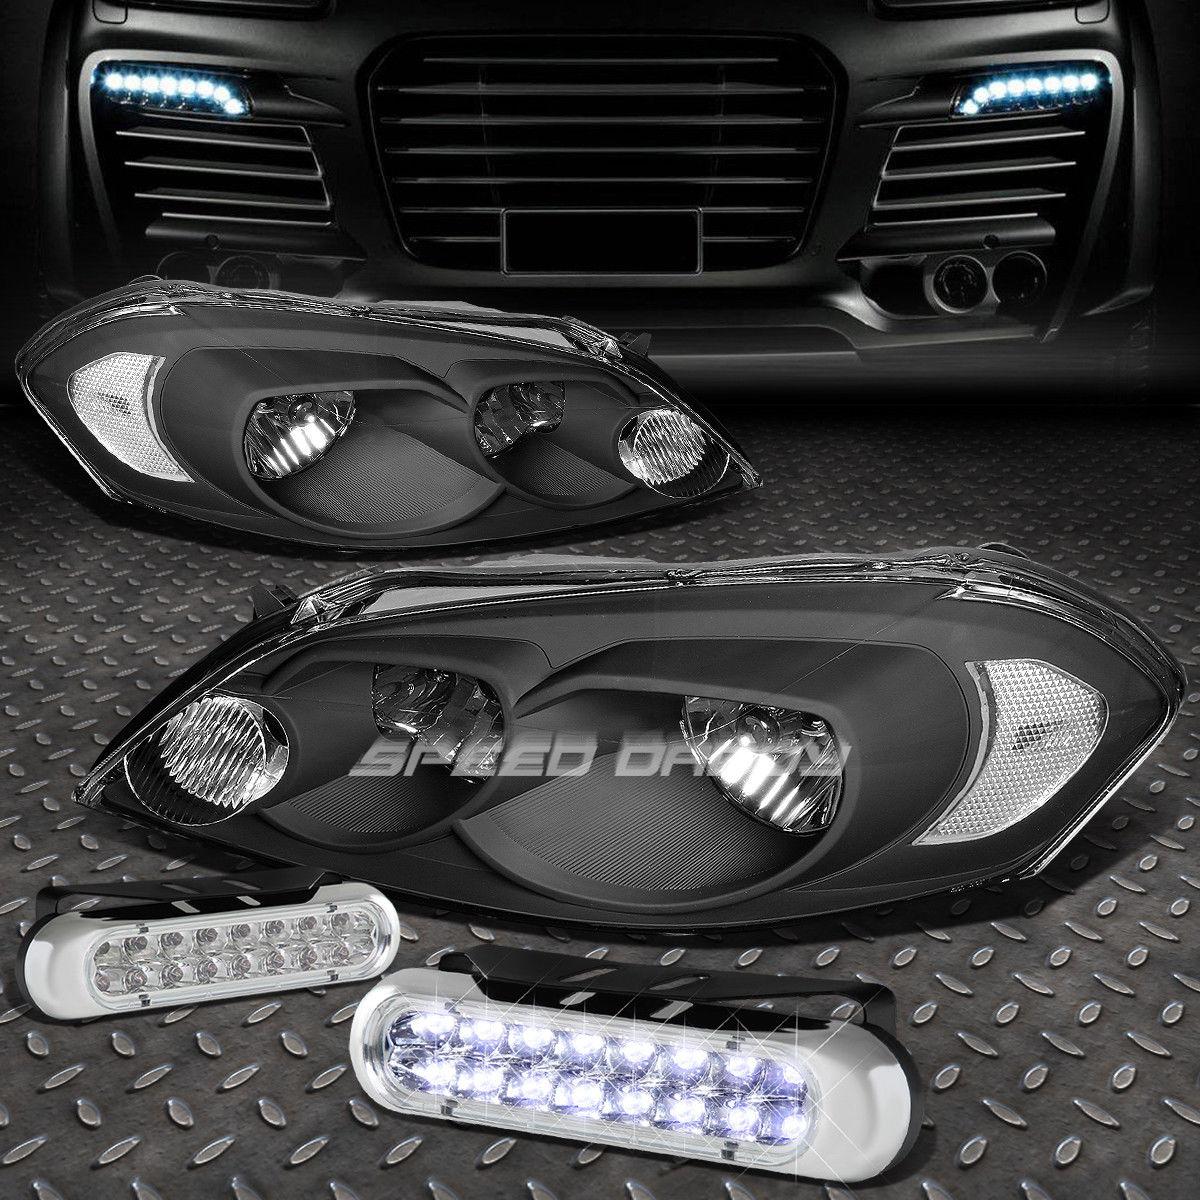 フォグライト BLACK HOUSING+CORNER HEADLIGHT+16 LED GRILL FOG LIGHT FOR 06-16 MONTE CARLO ブラックハウジング+コーナーヘッドライト+ 06 LEDグリルフォグライト06-16 MONTE CARLO